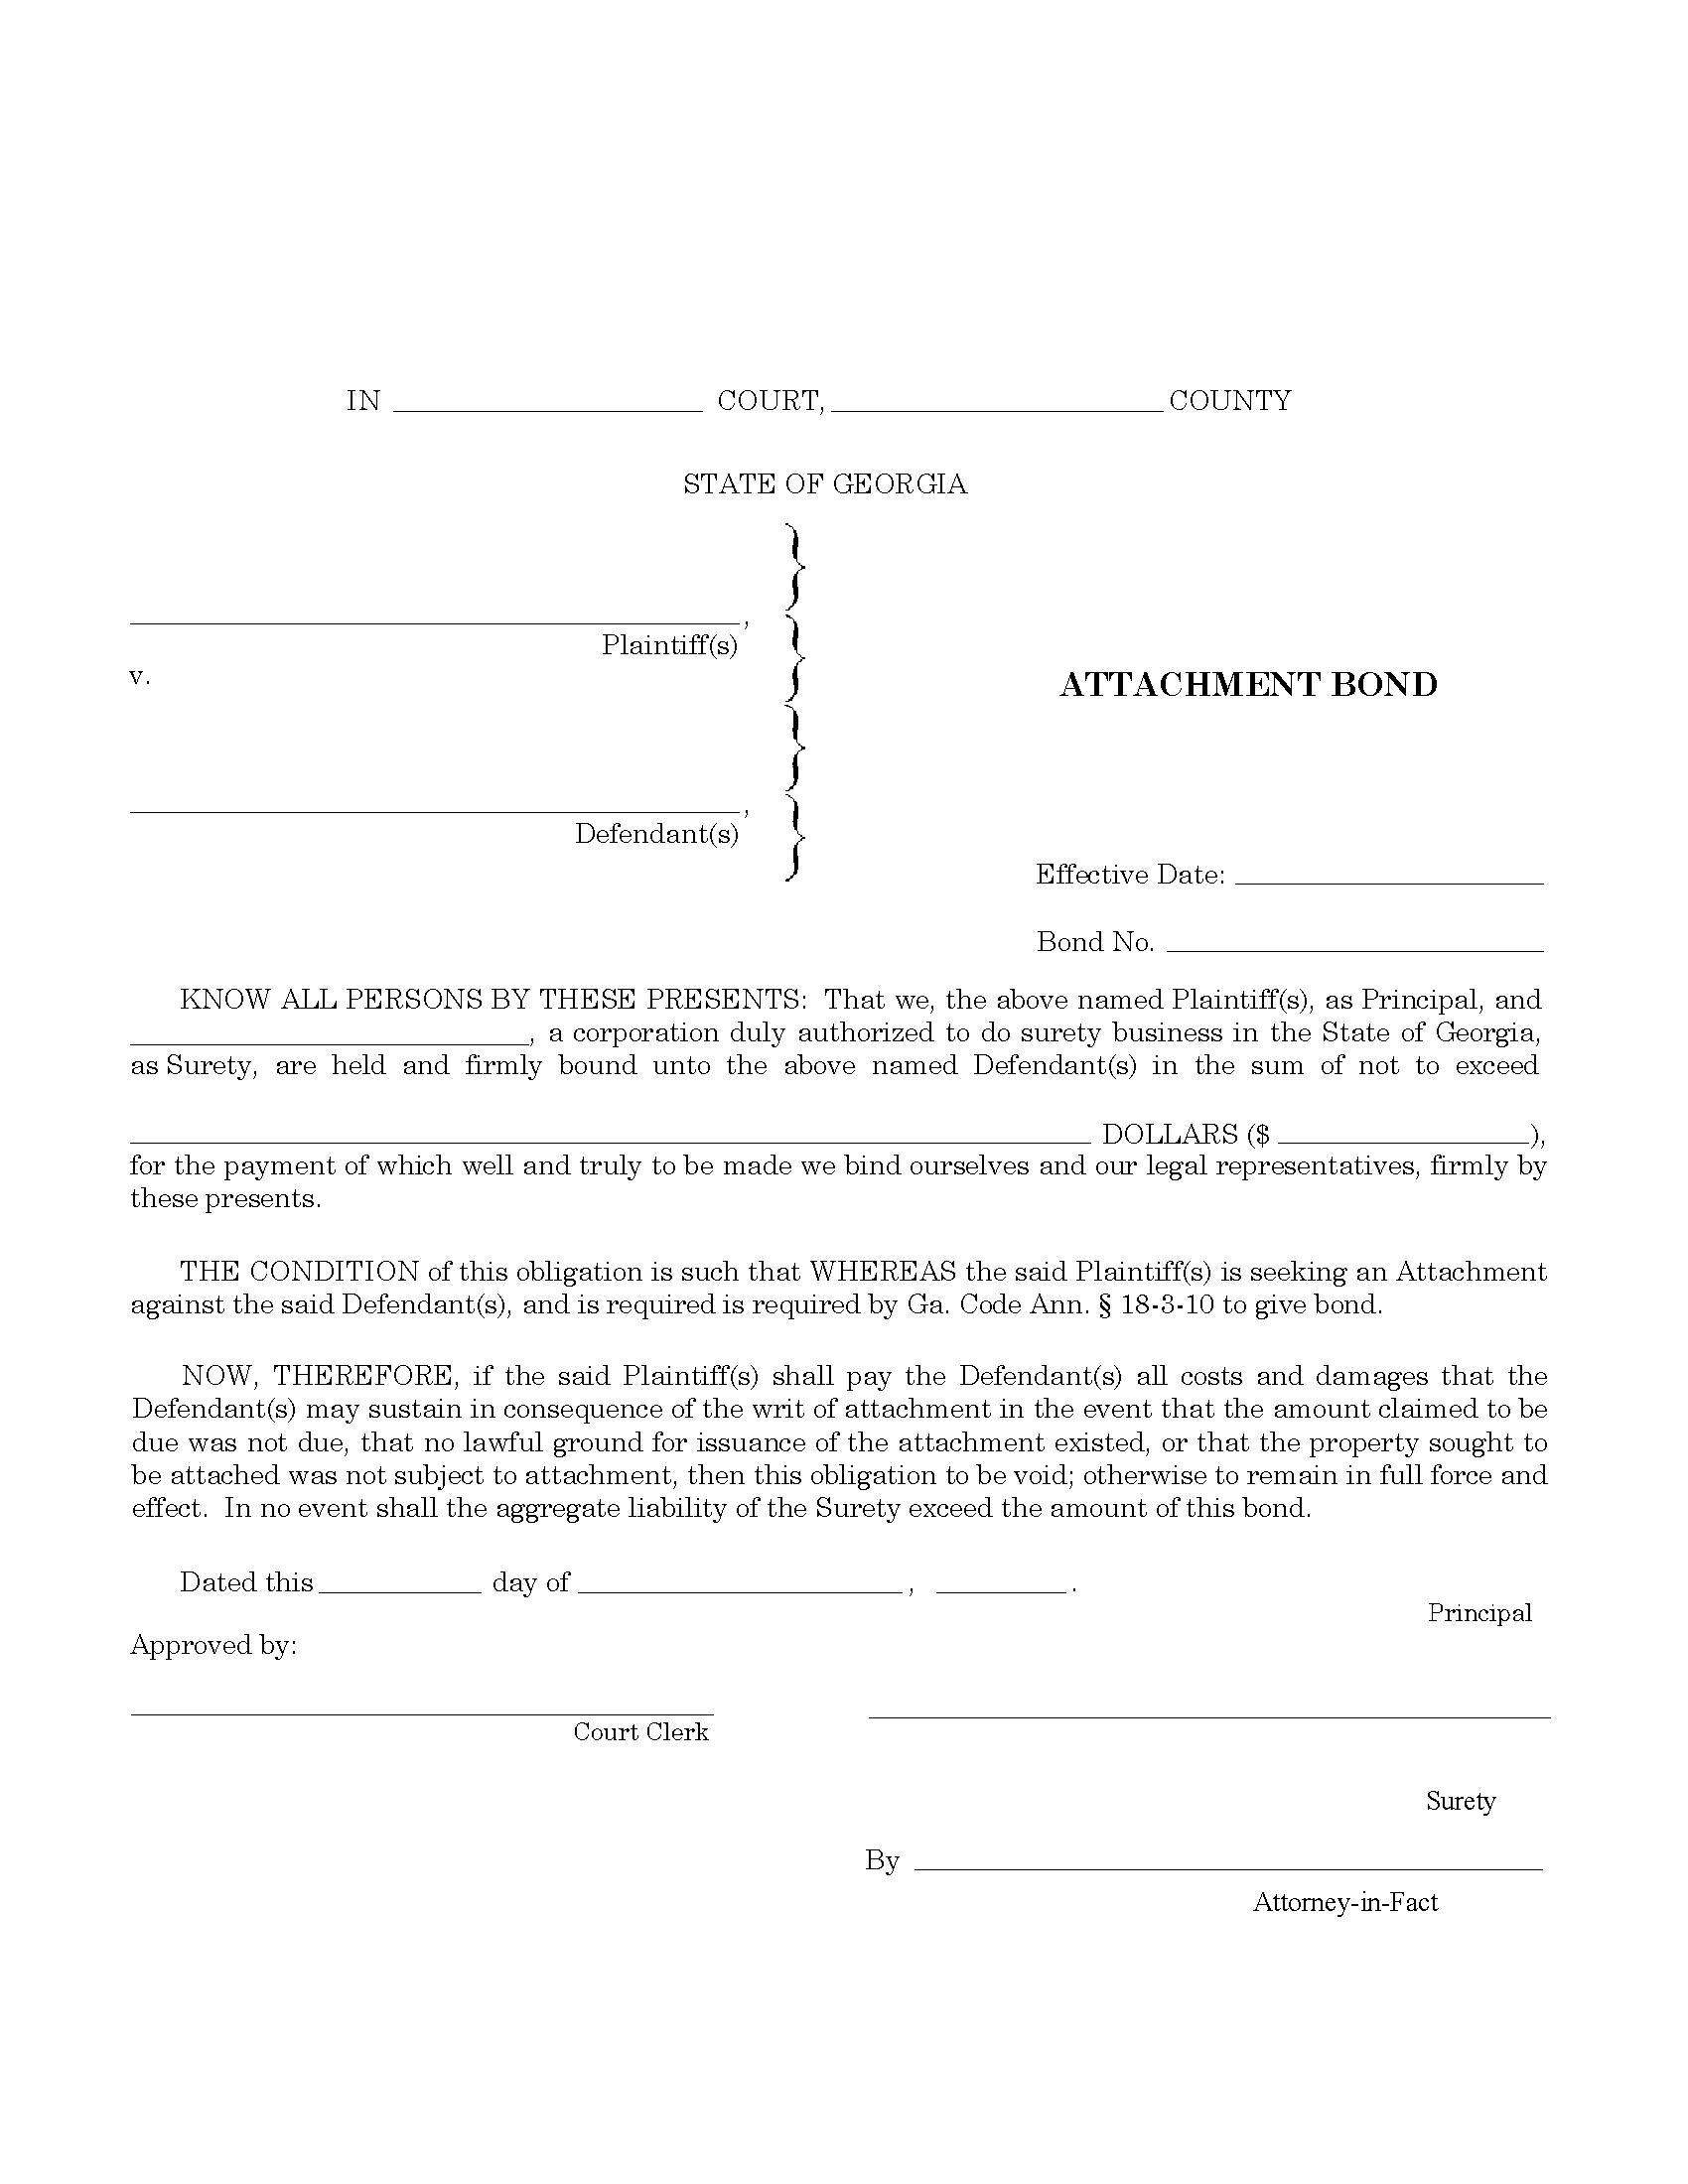 Plaintiff Attachment sample image